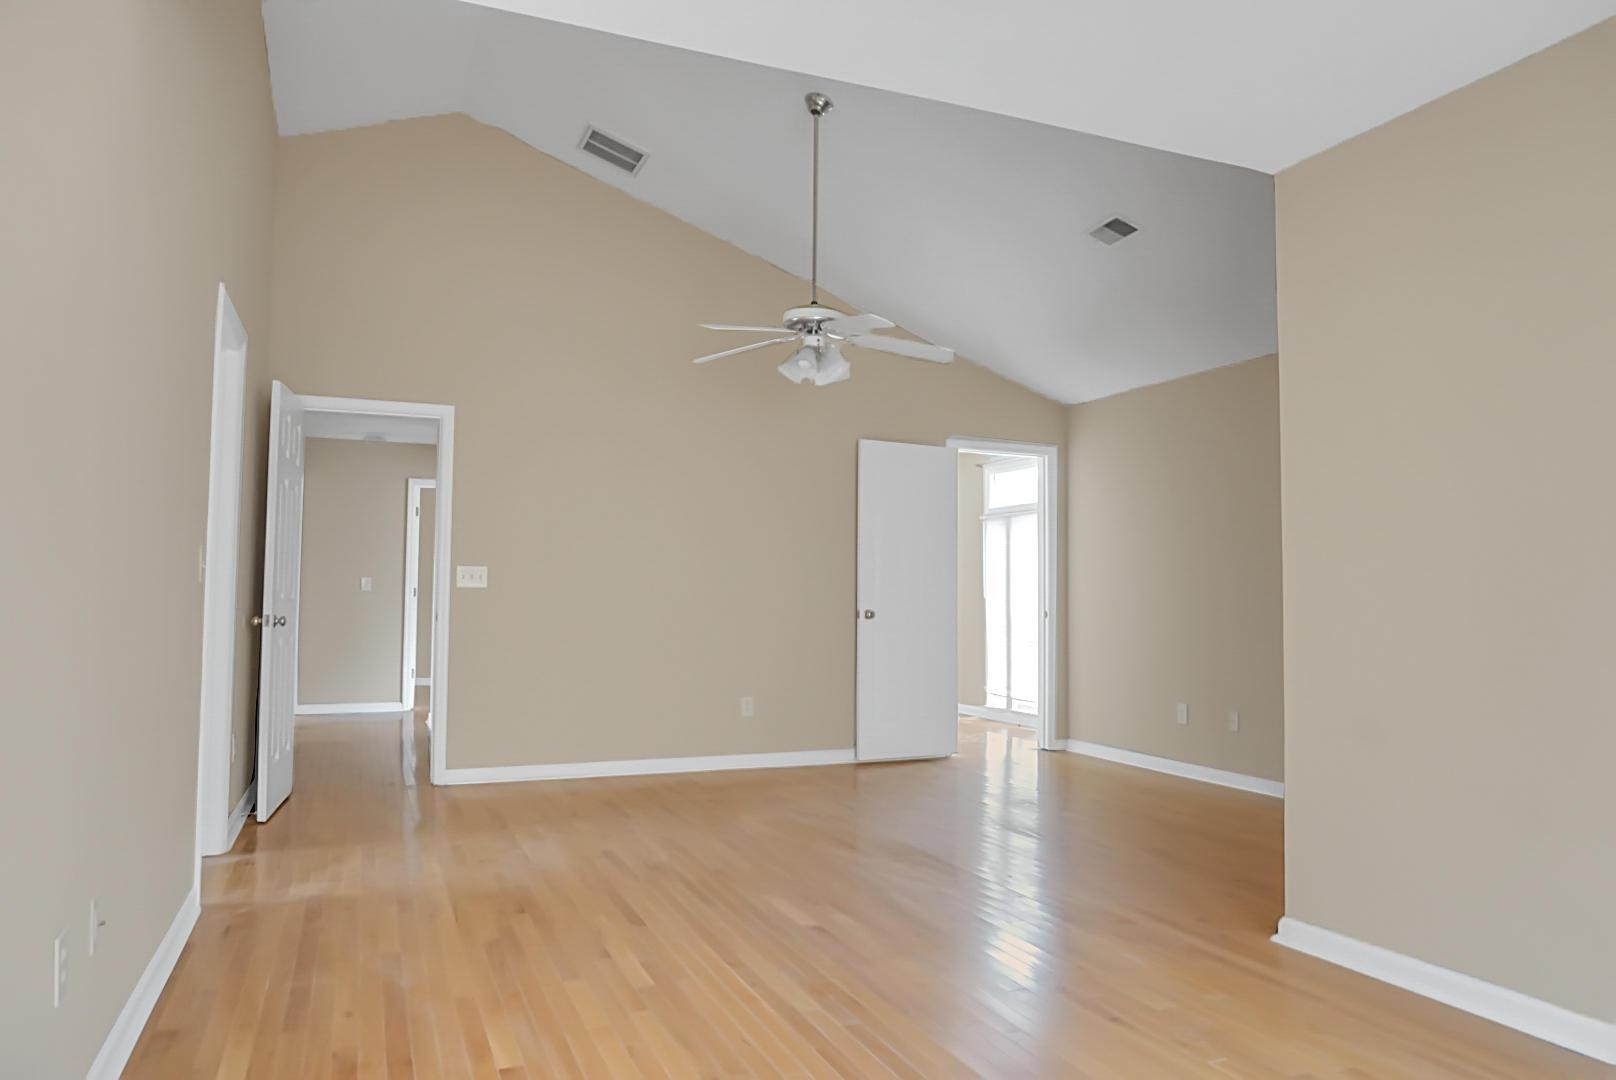 Dunes West Homes For Sale - 3209 Carmel Bay, Mount Pleasant, SC - 1